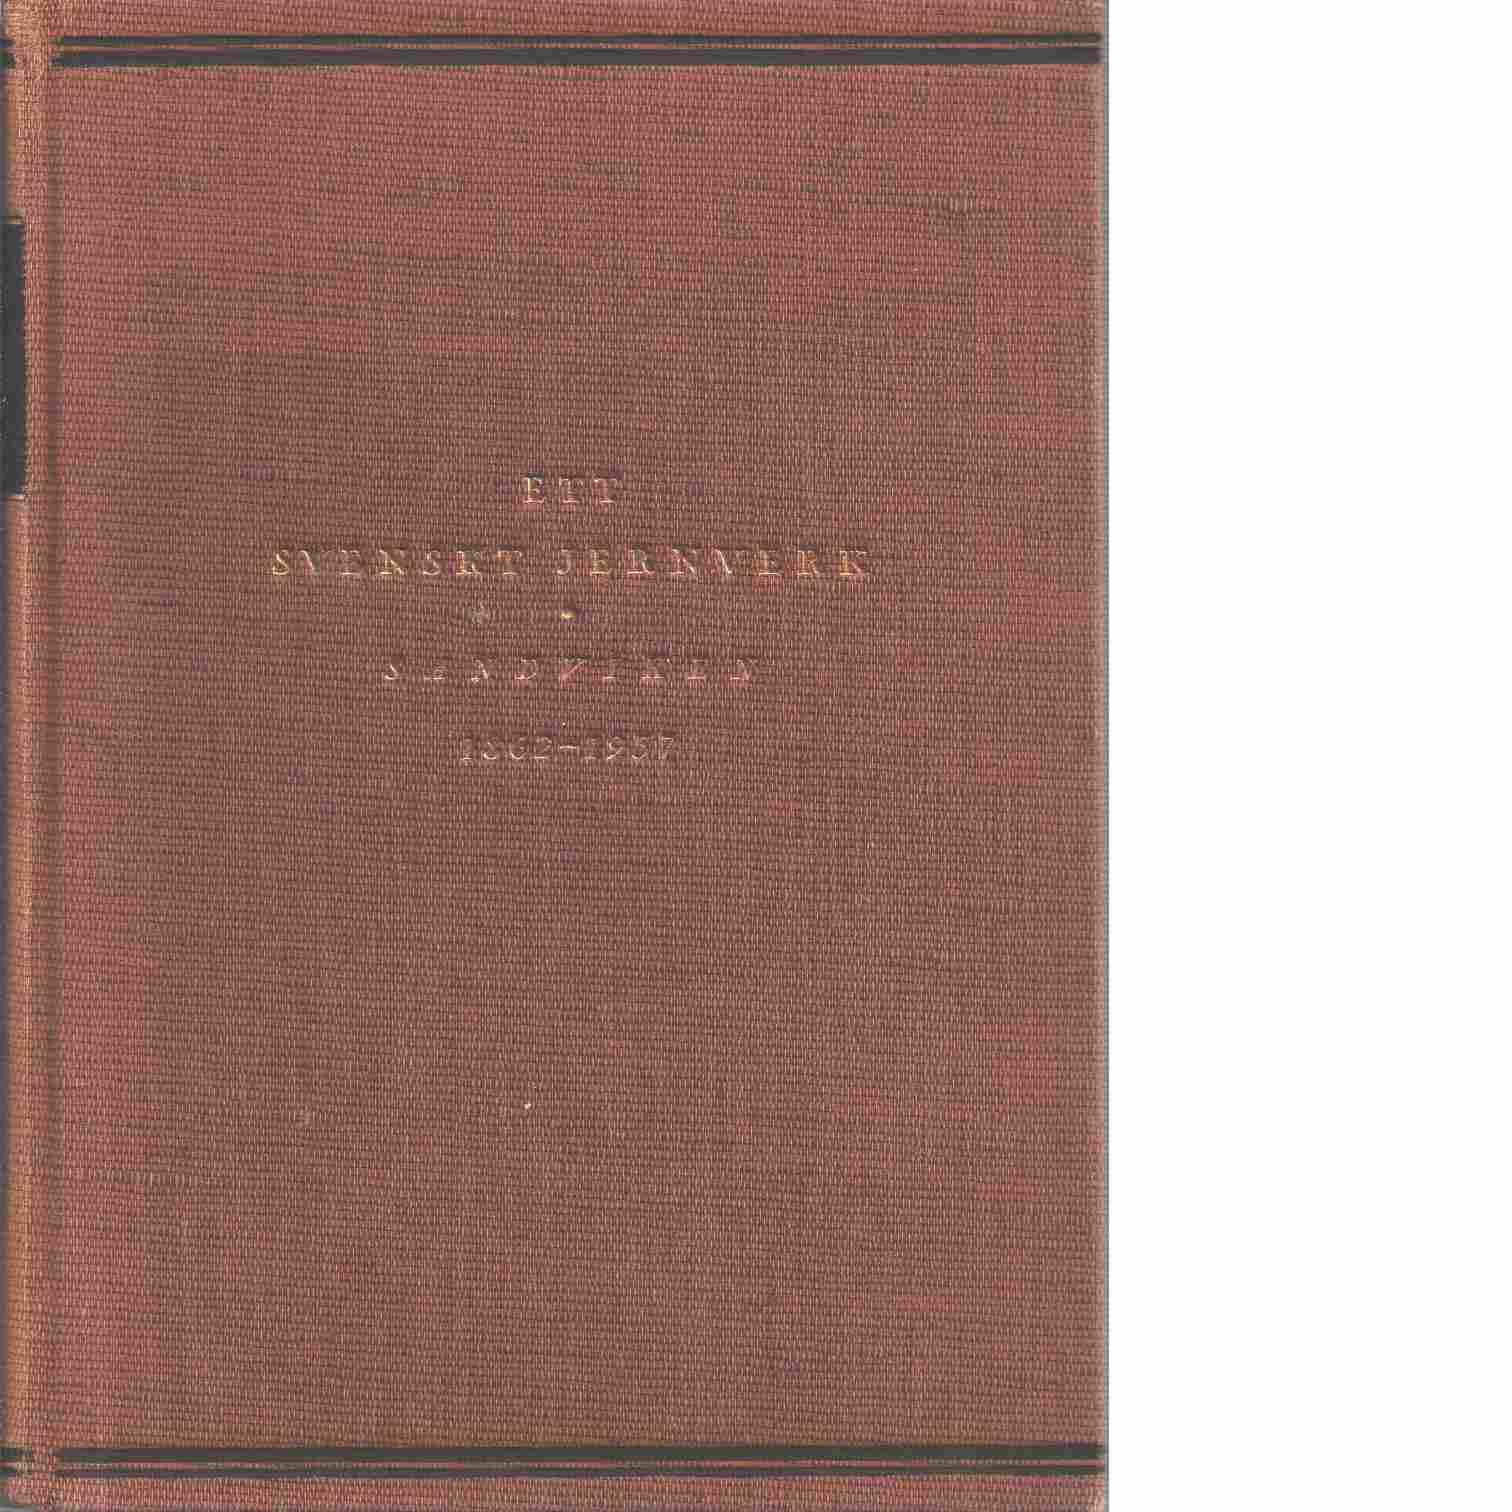 Ett svenskt jernverk : Sandviken och dess utveckling 1862-1937 - Hedin, Göran